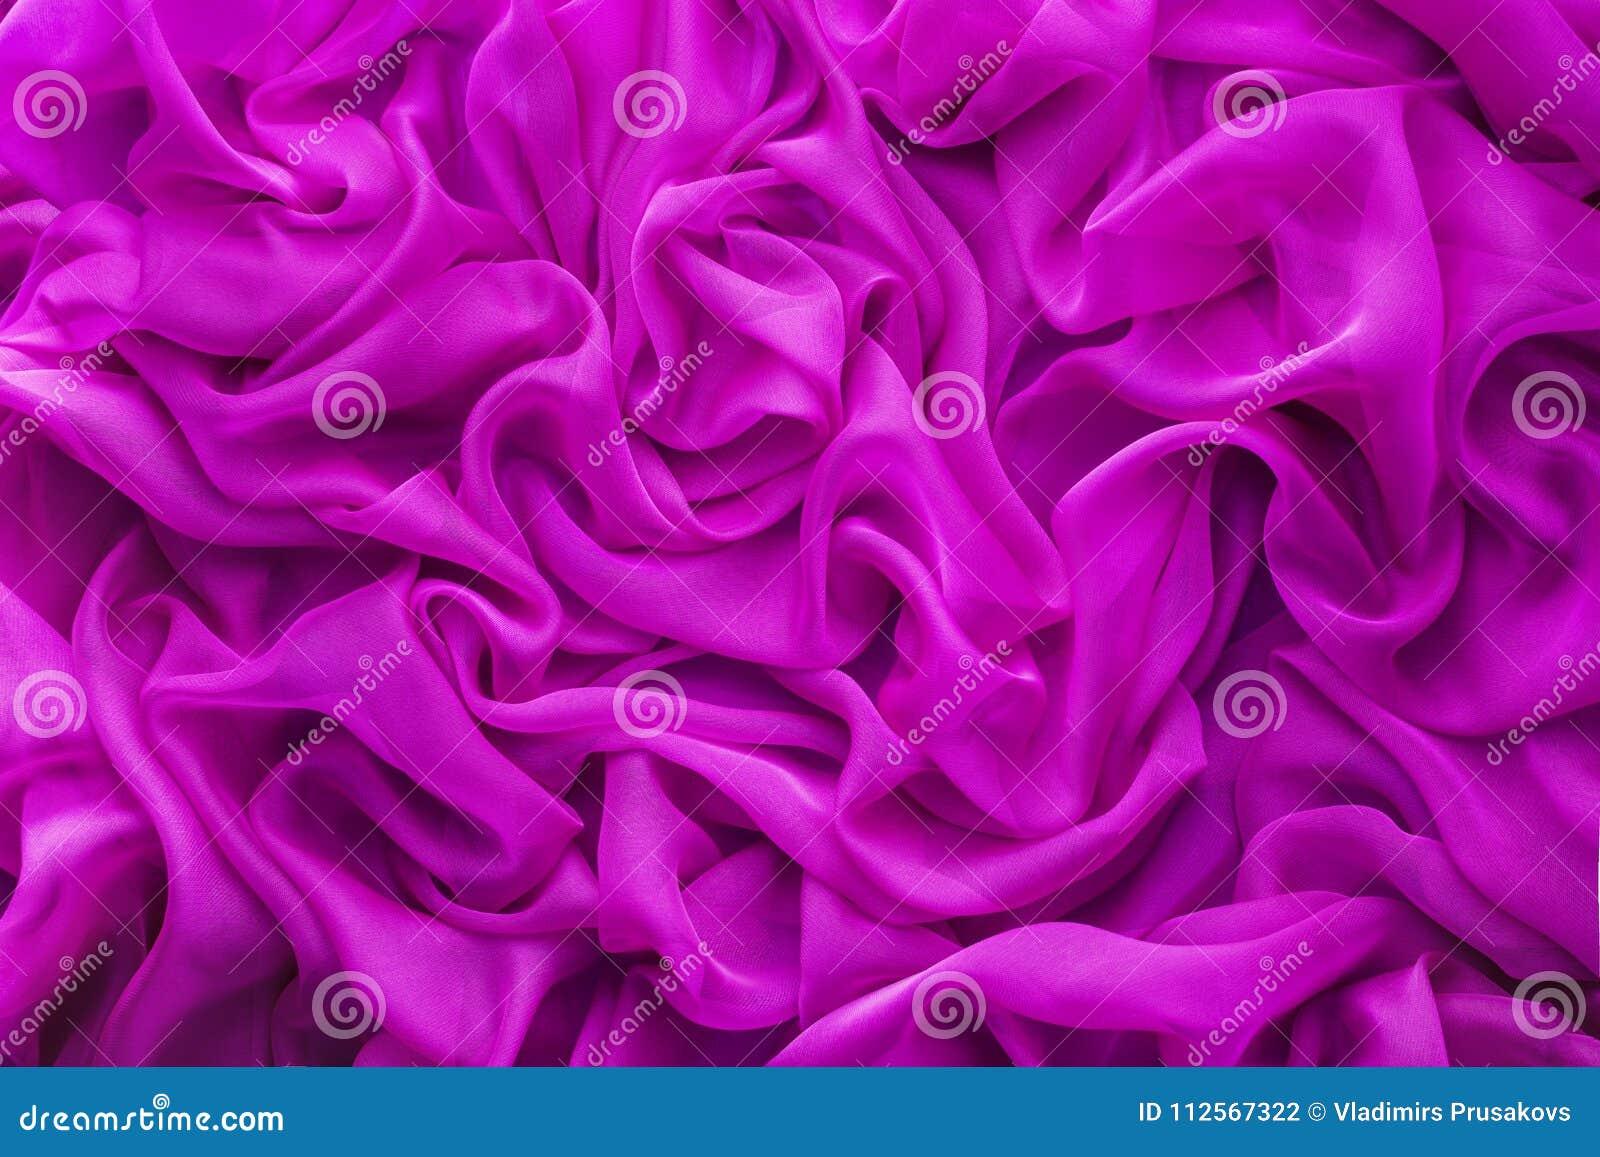 Fond de tissu en soie, vagues roses de tissu de satin, textile de ondulation